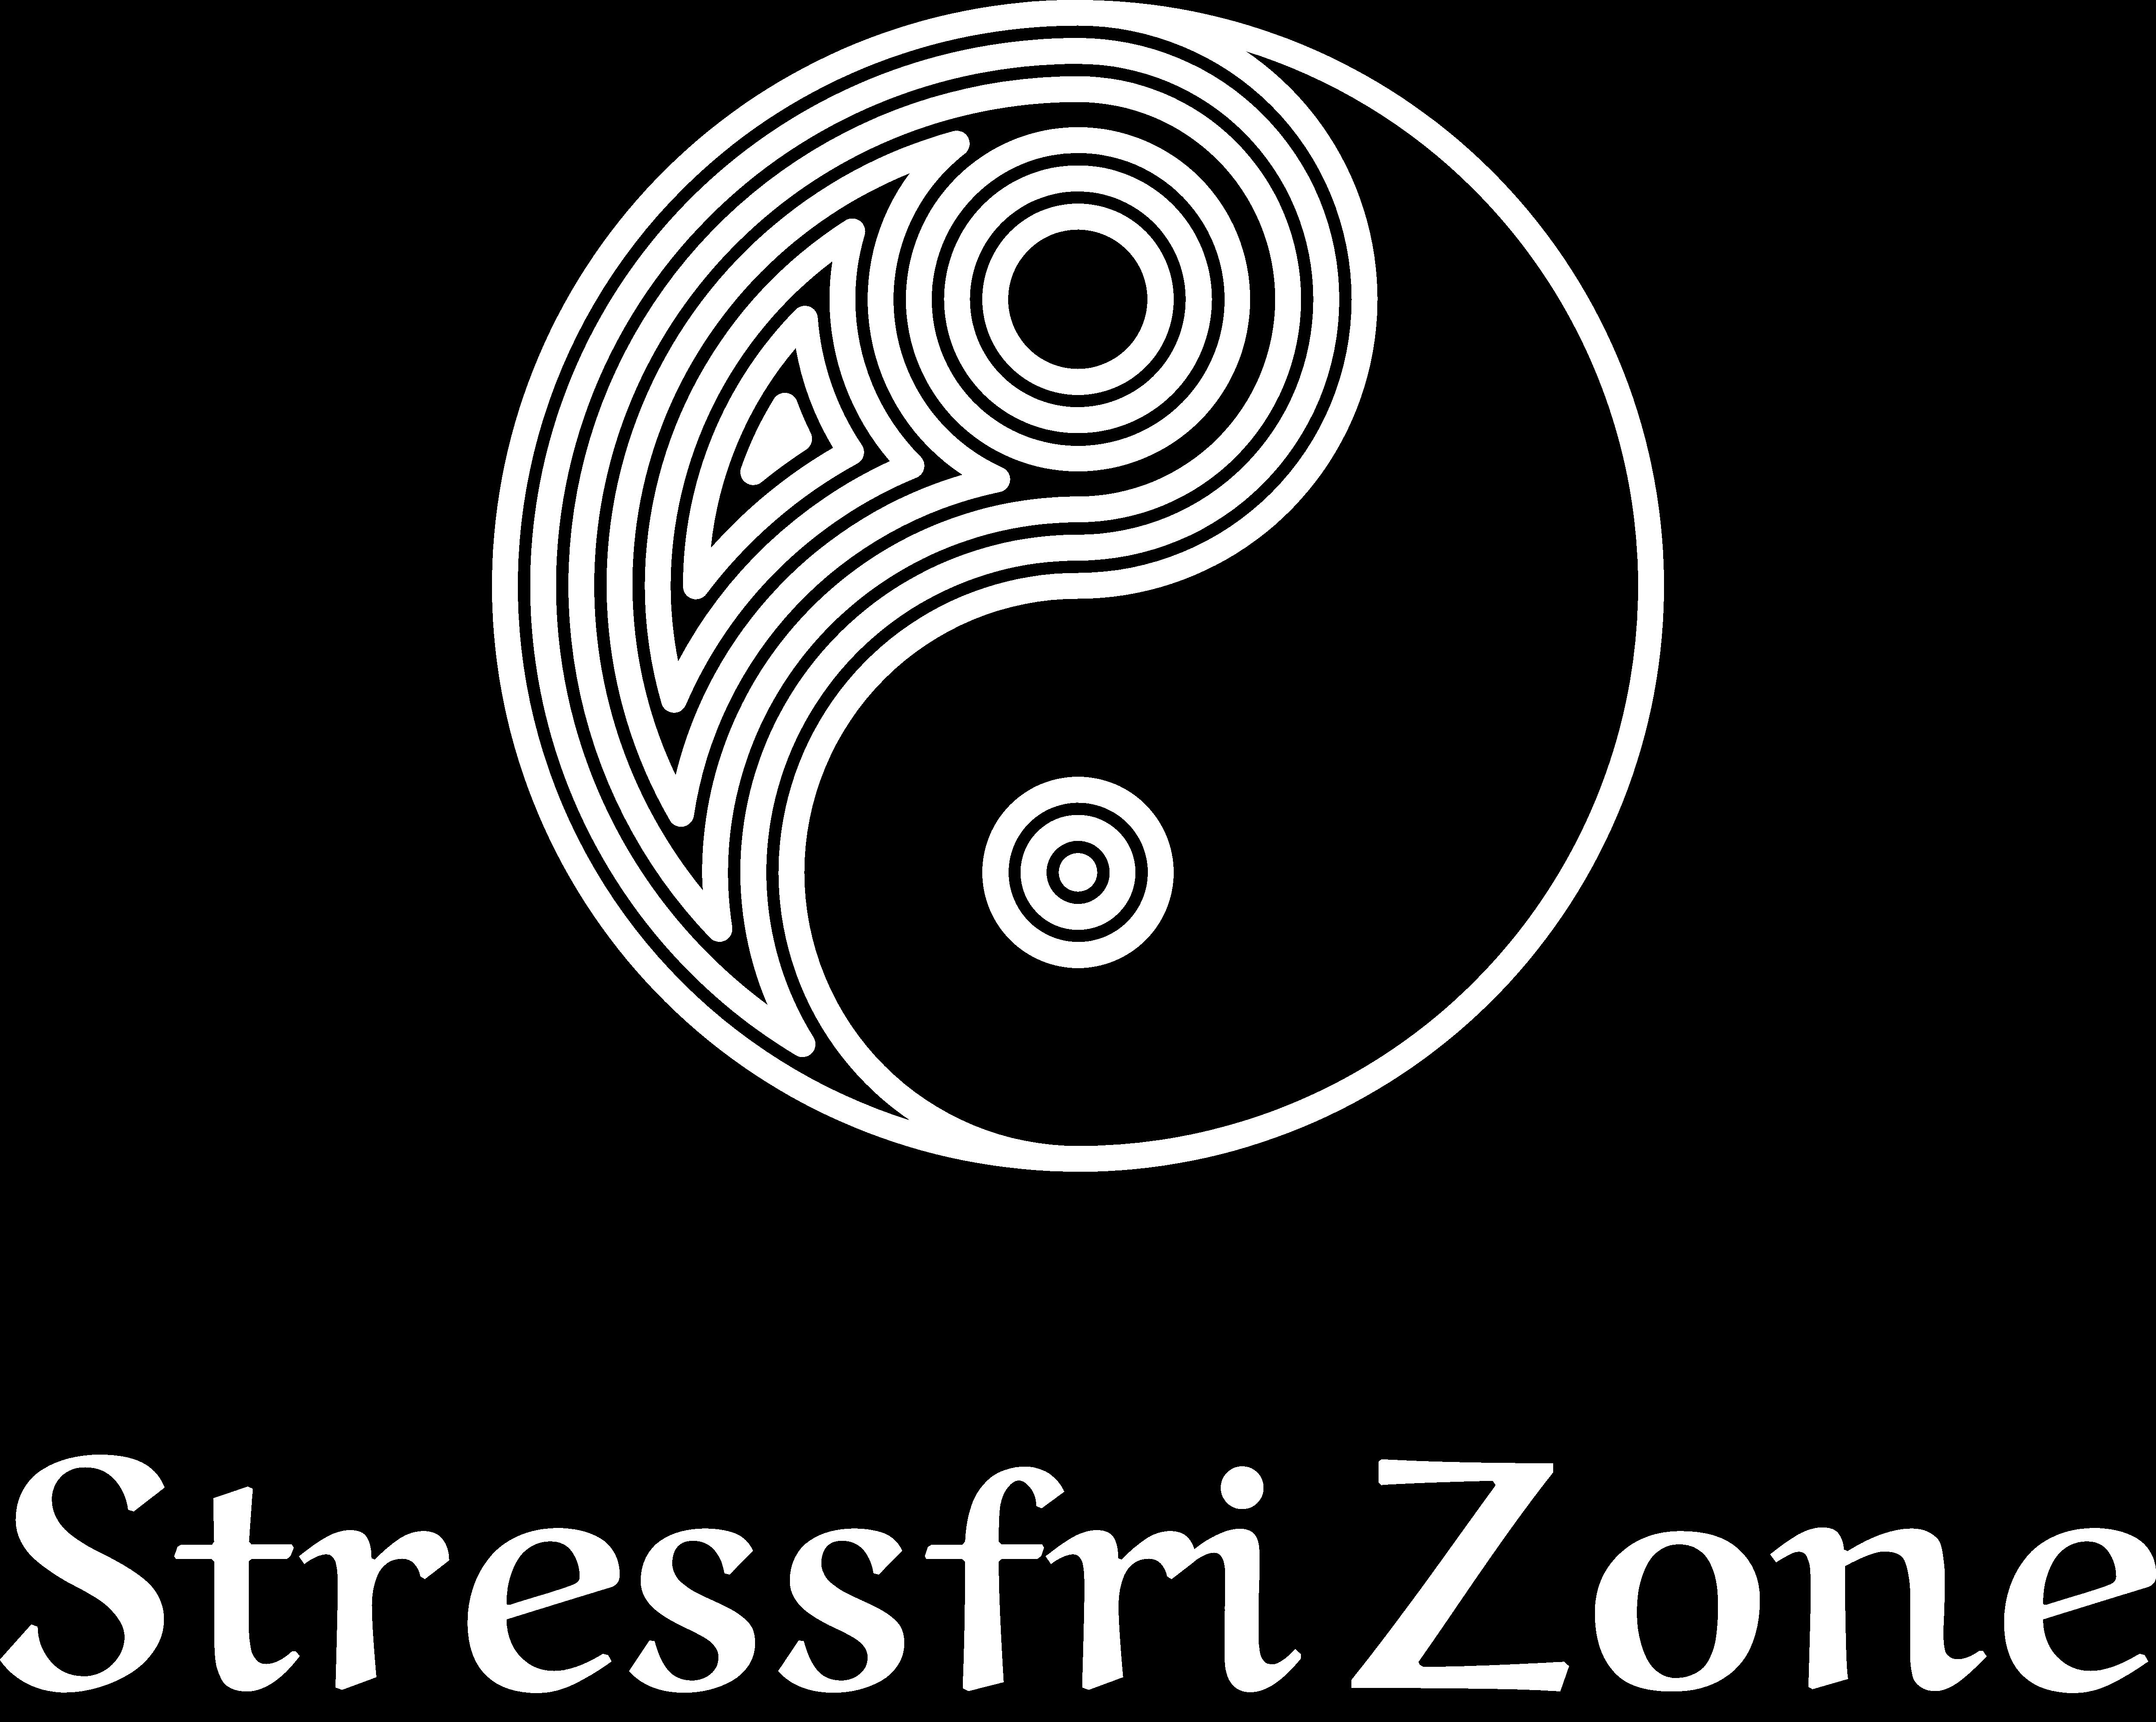 Stressfri Zone logo